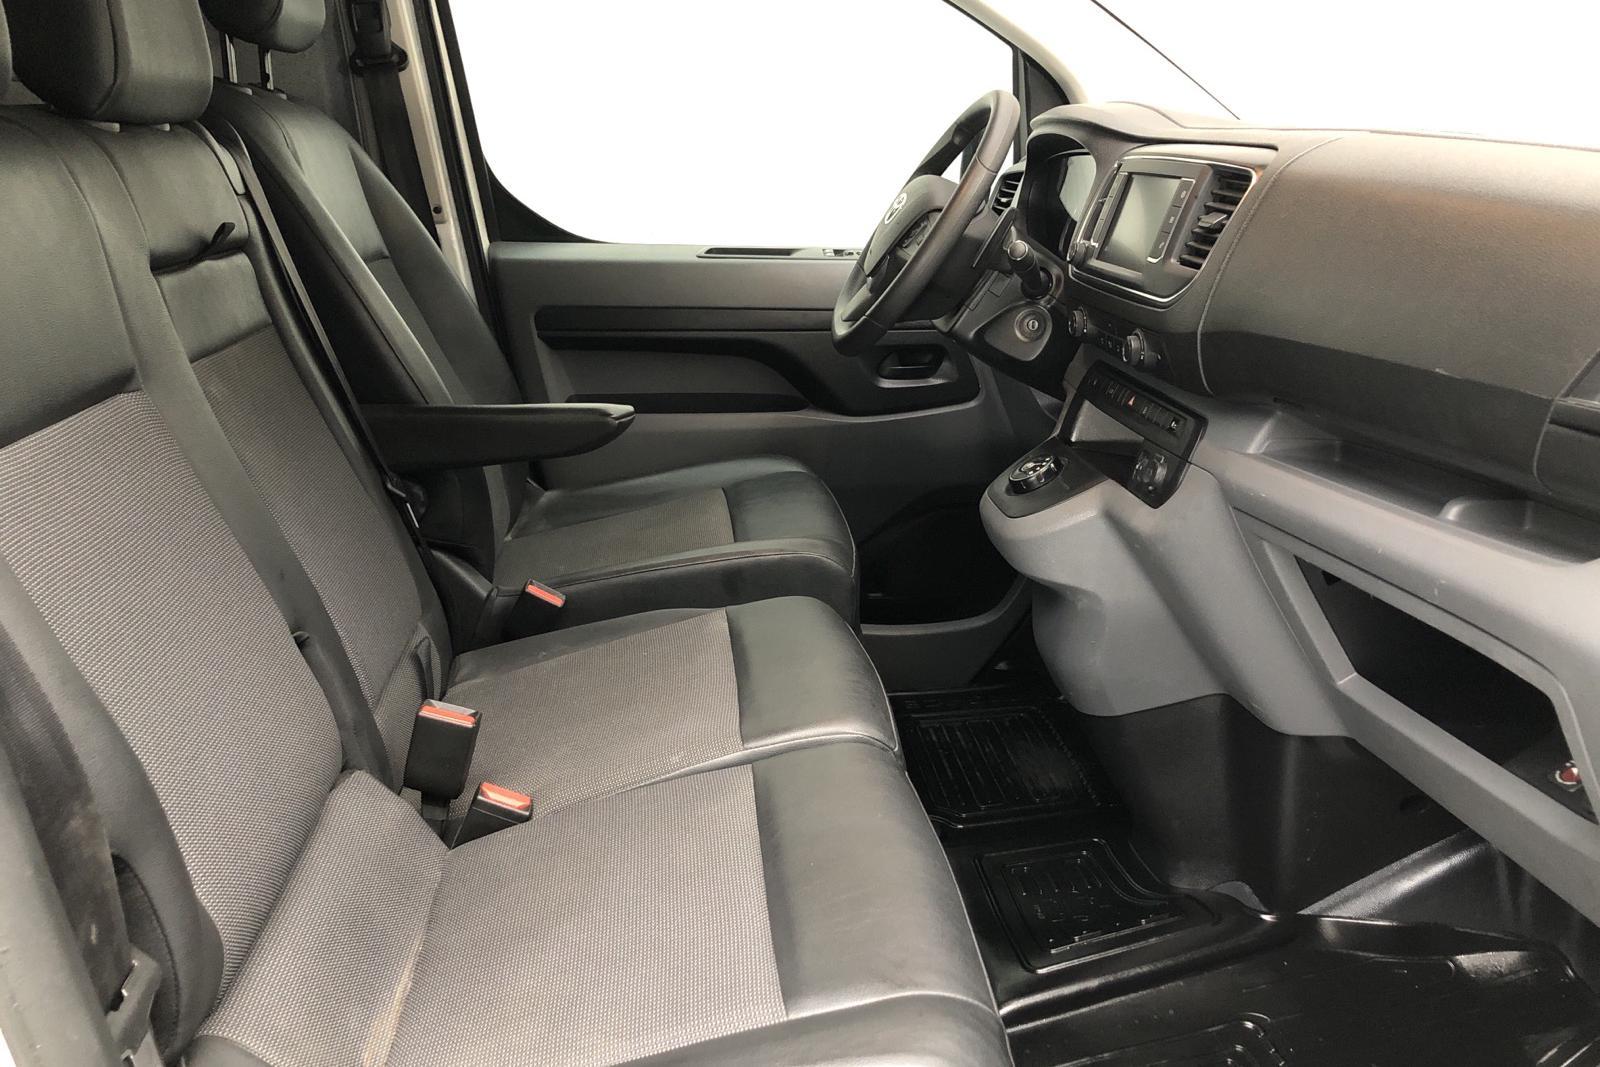 Toyota ProAce 1.6 D-4D Skåp (95hk) - 3 804 mil - Automat - vit - 2018